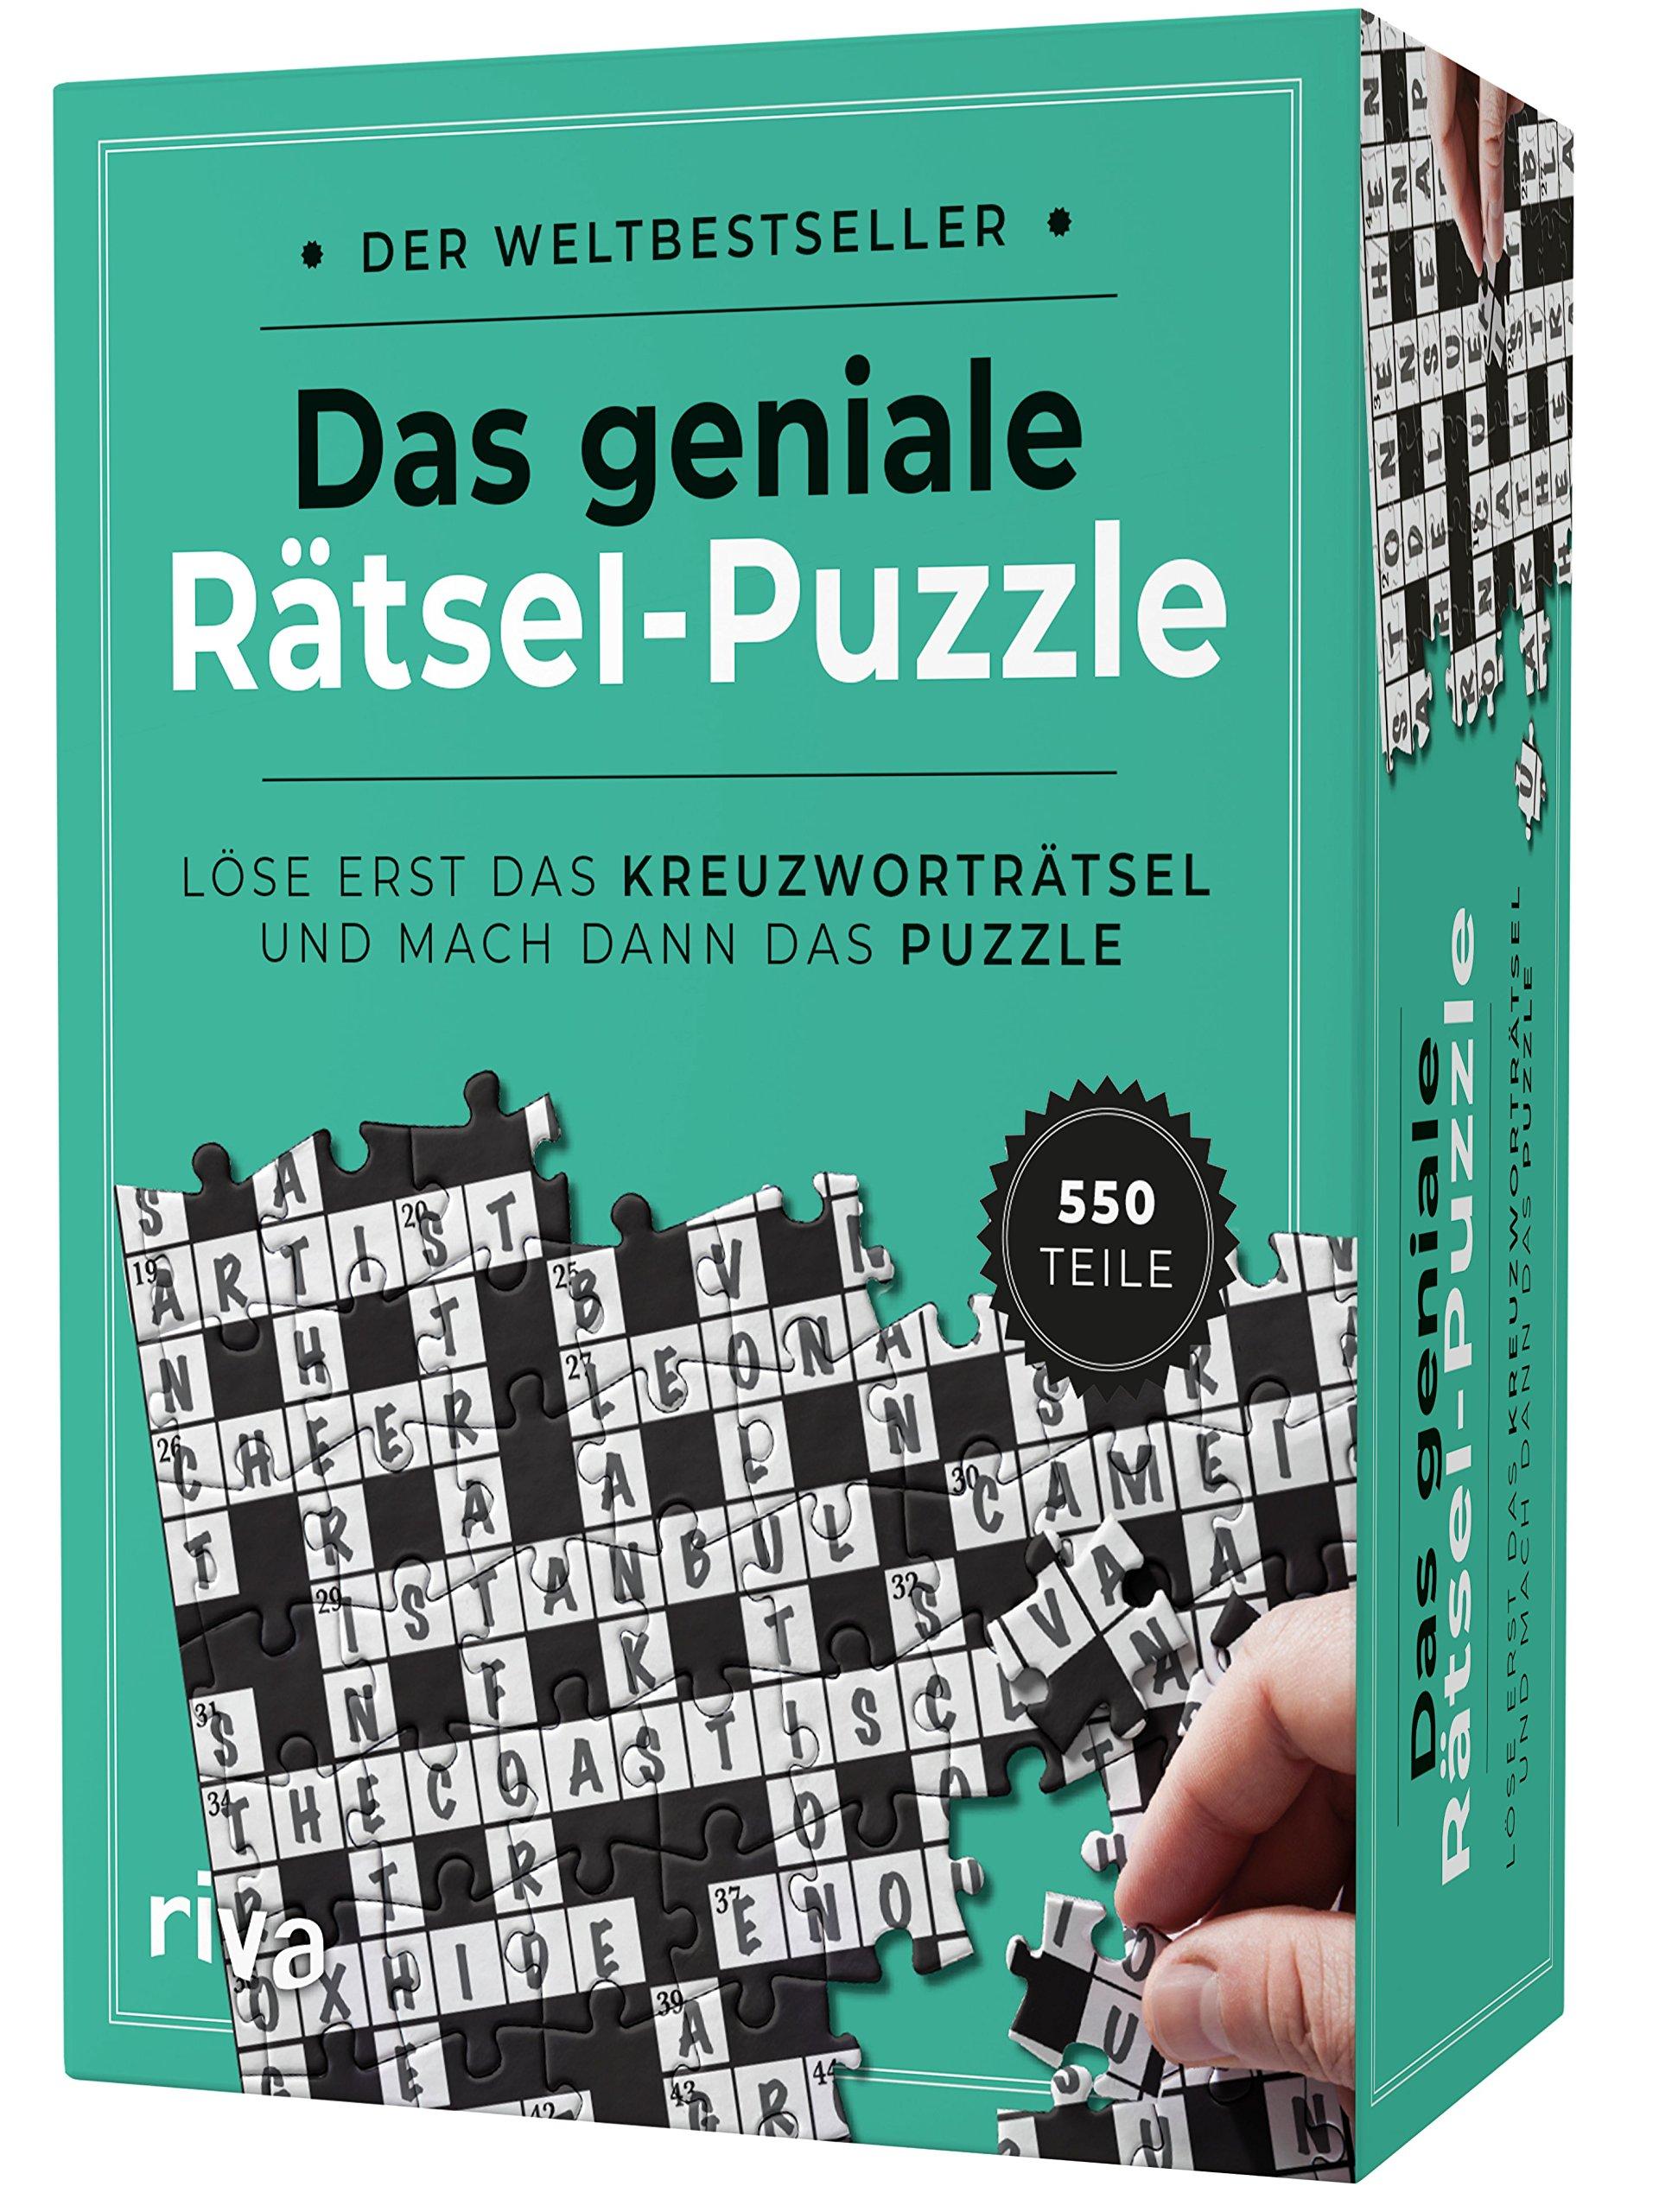 Das Geniale Rätsel Puzzle Löse Erst Das Kreuzworträtsel Und Mach Dann Das Puzzle